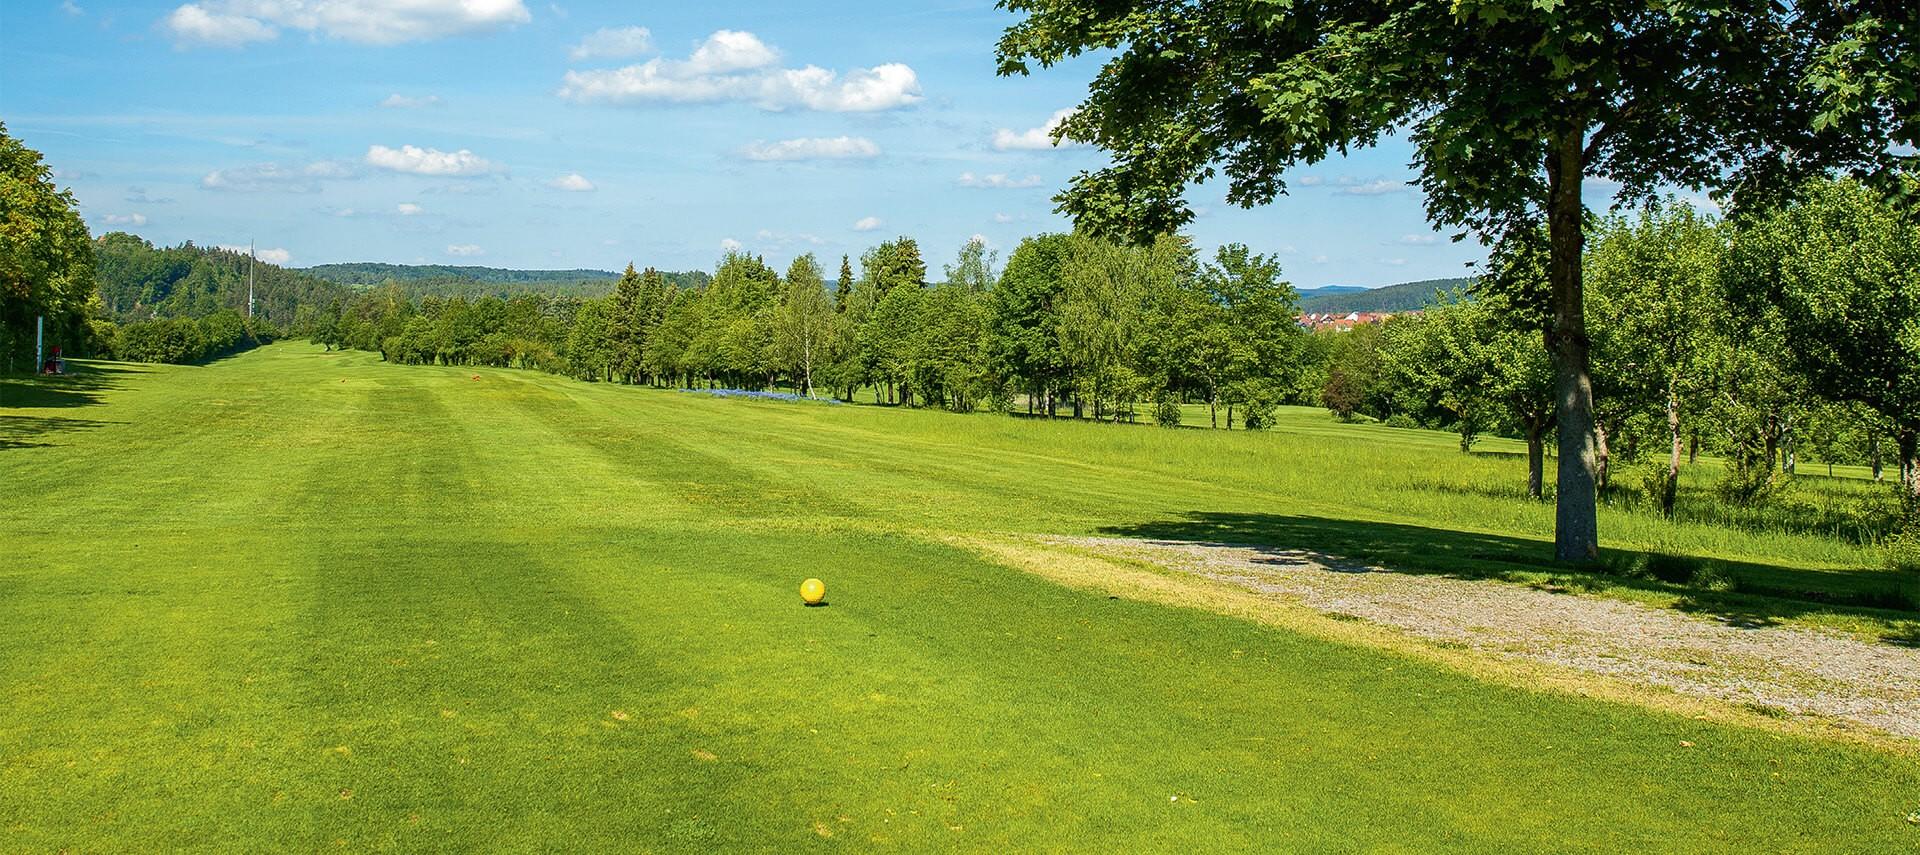 1 - GolfClub Schmidmühlen - 2021-04